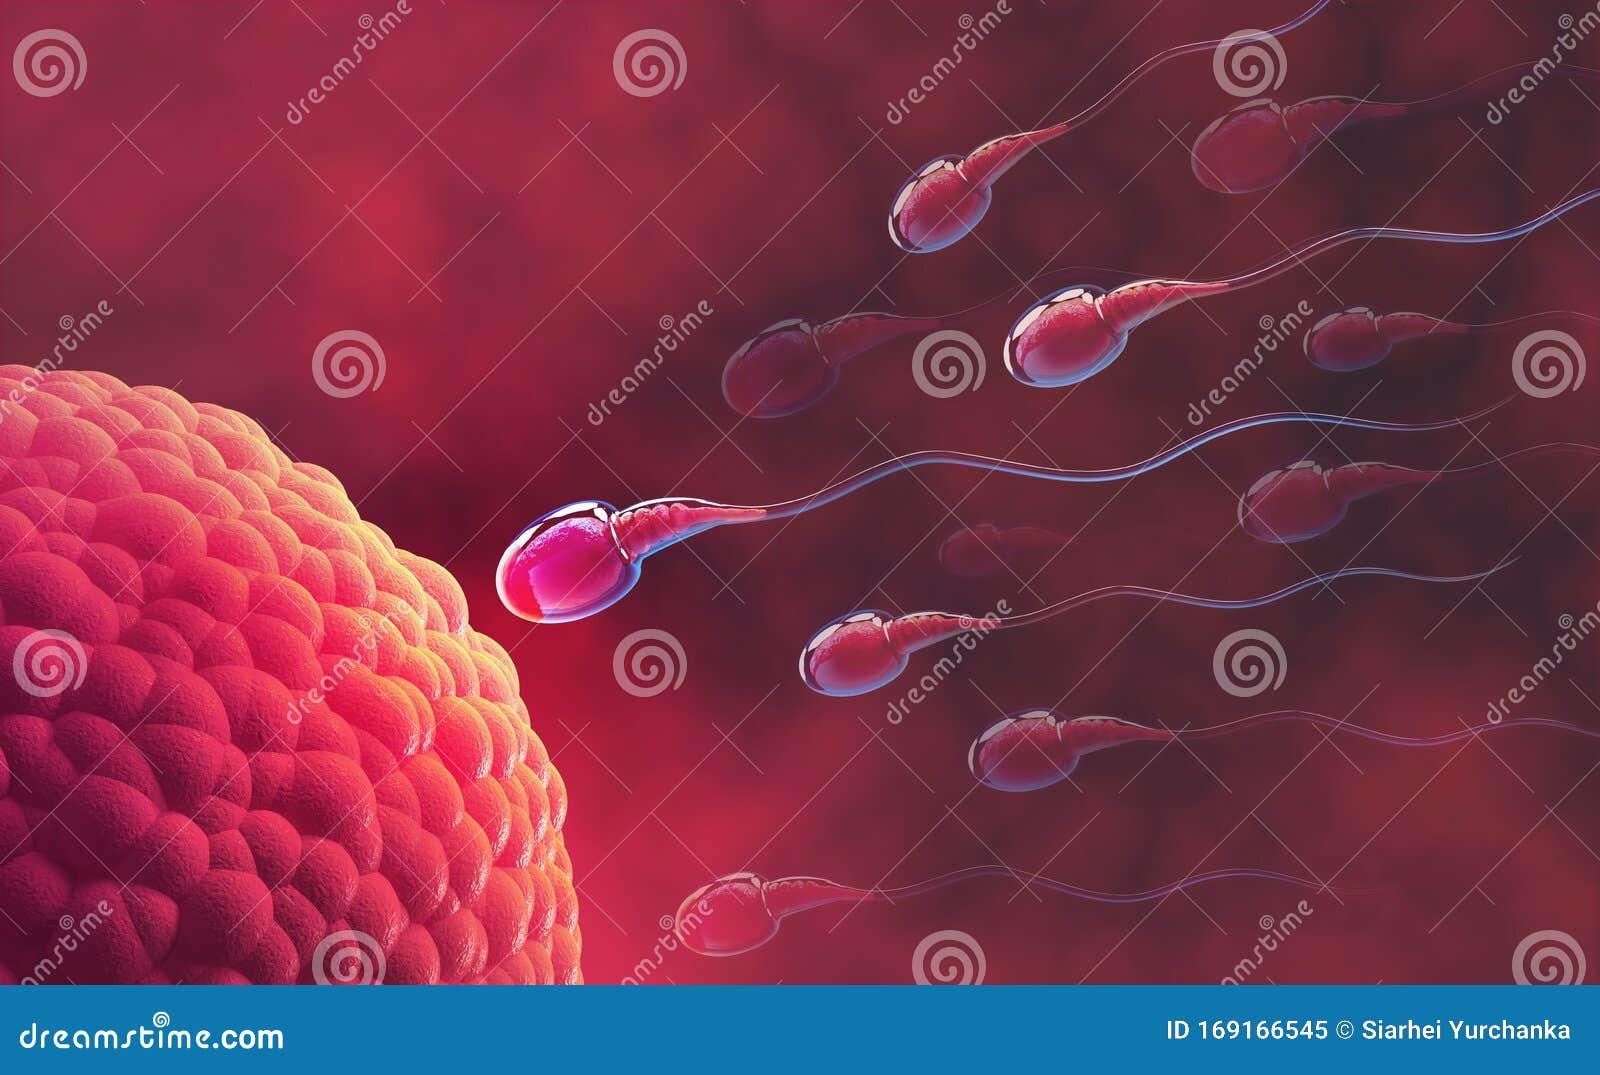 Mikroskop spermien